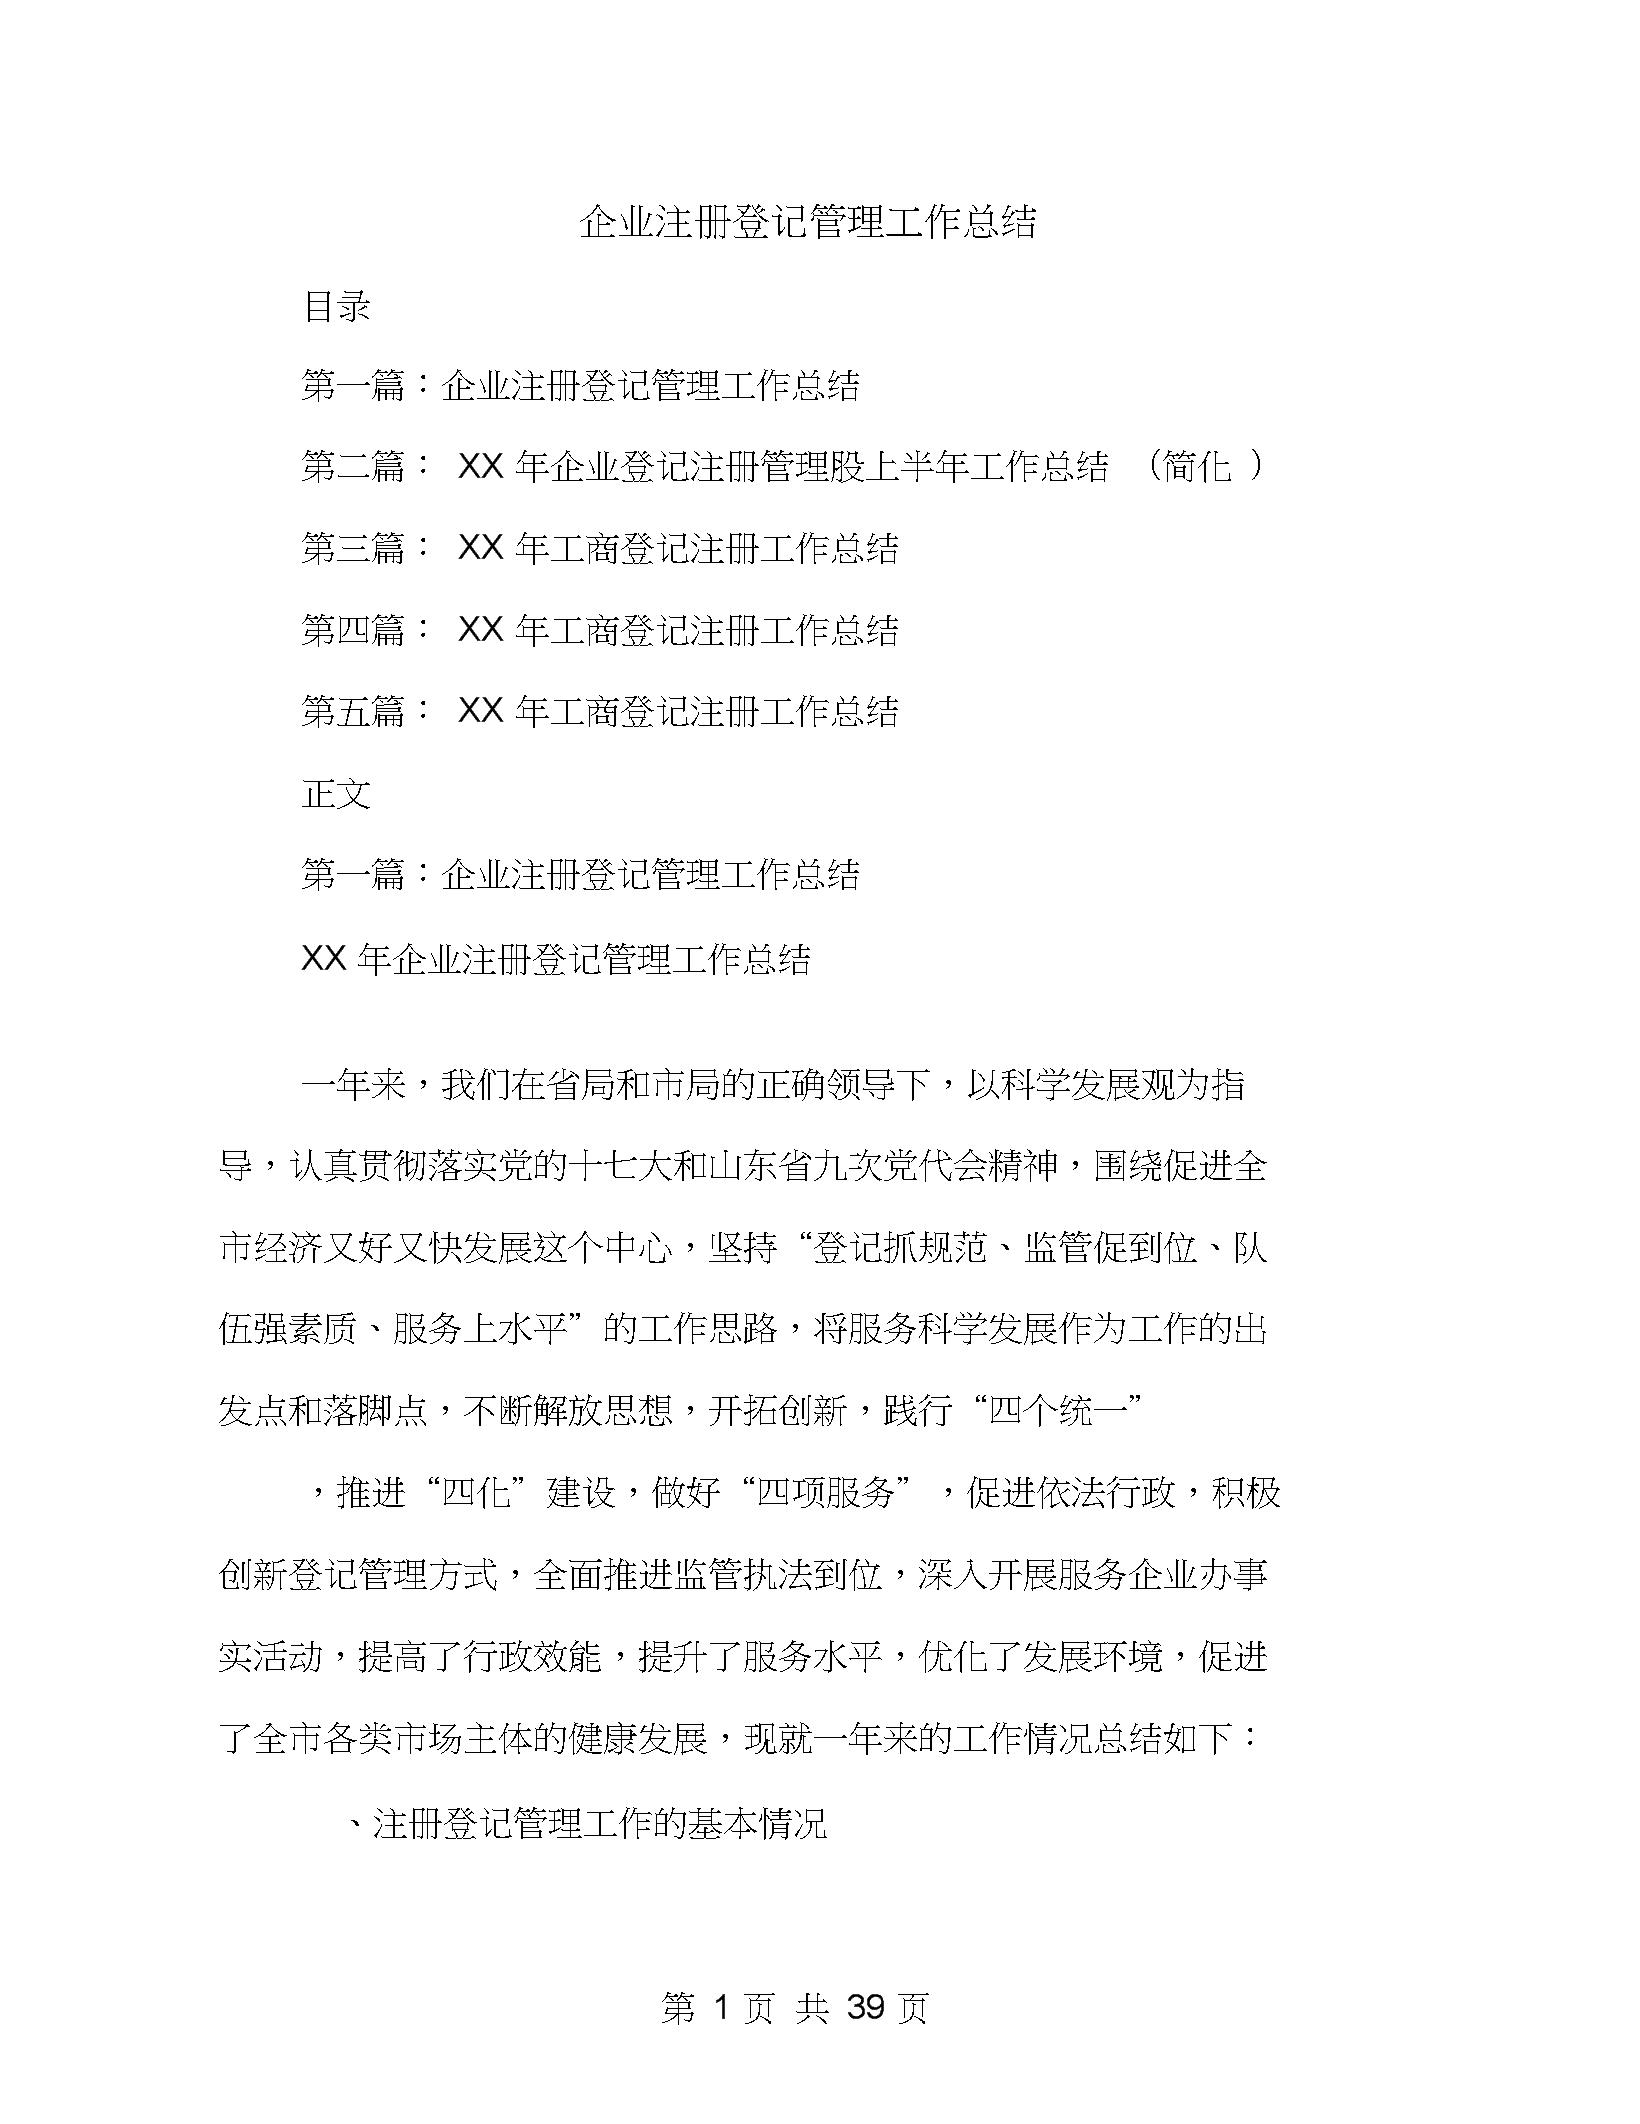 企业注册登记管理工作总结.docx